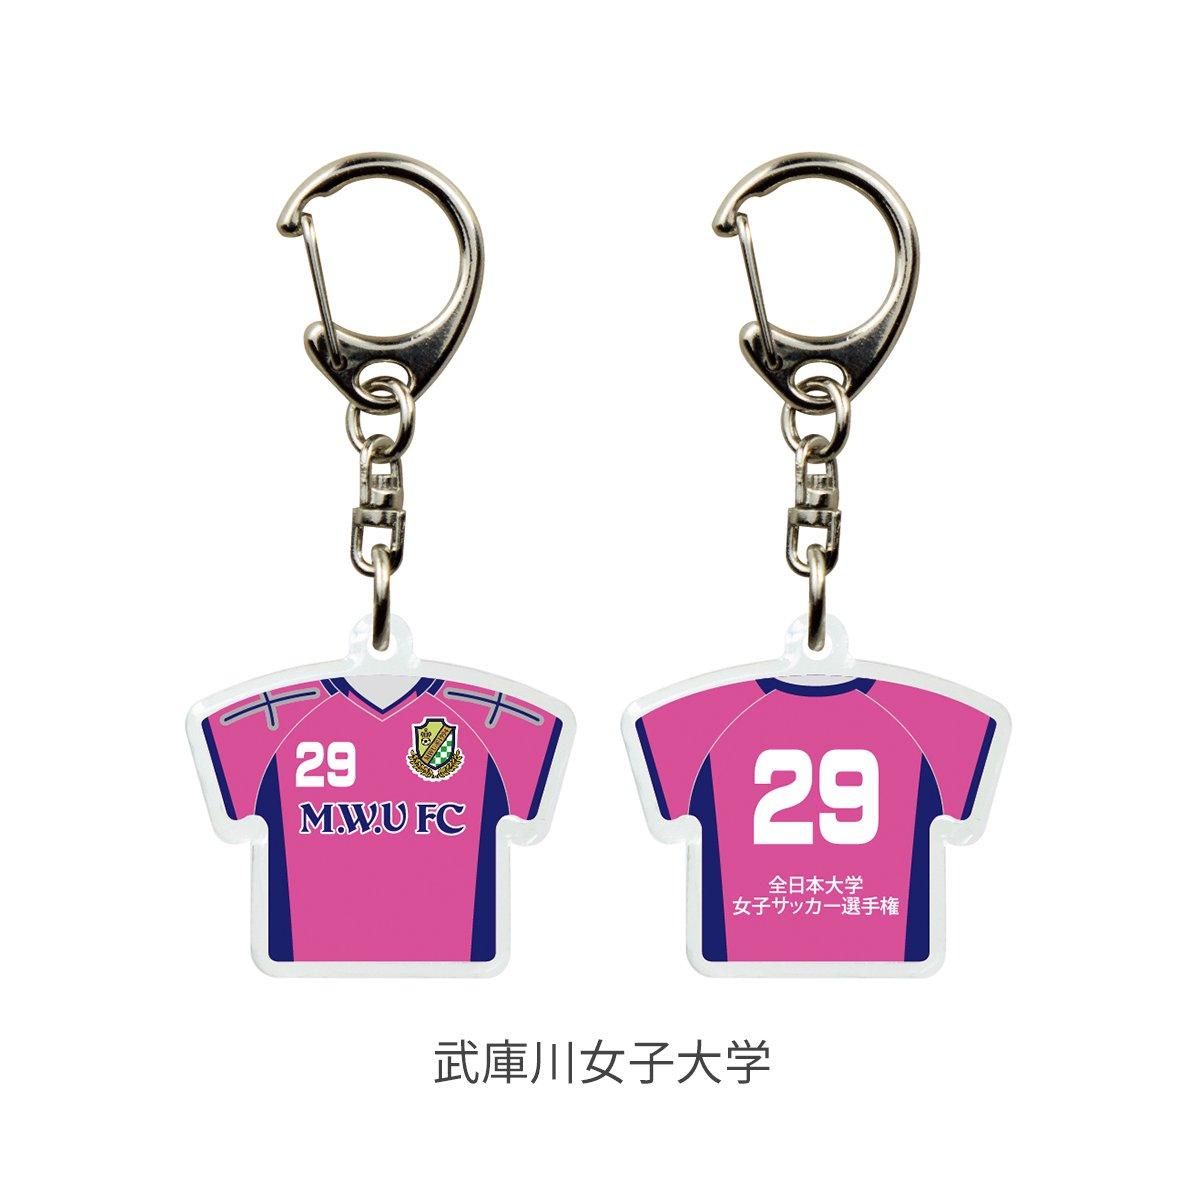 第29回全日本大学女子サッカー選手権大会 オフィシャルユニフォーム型キーホルダー